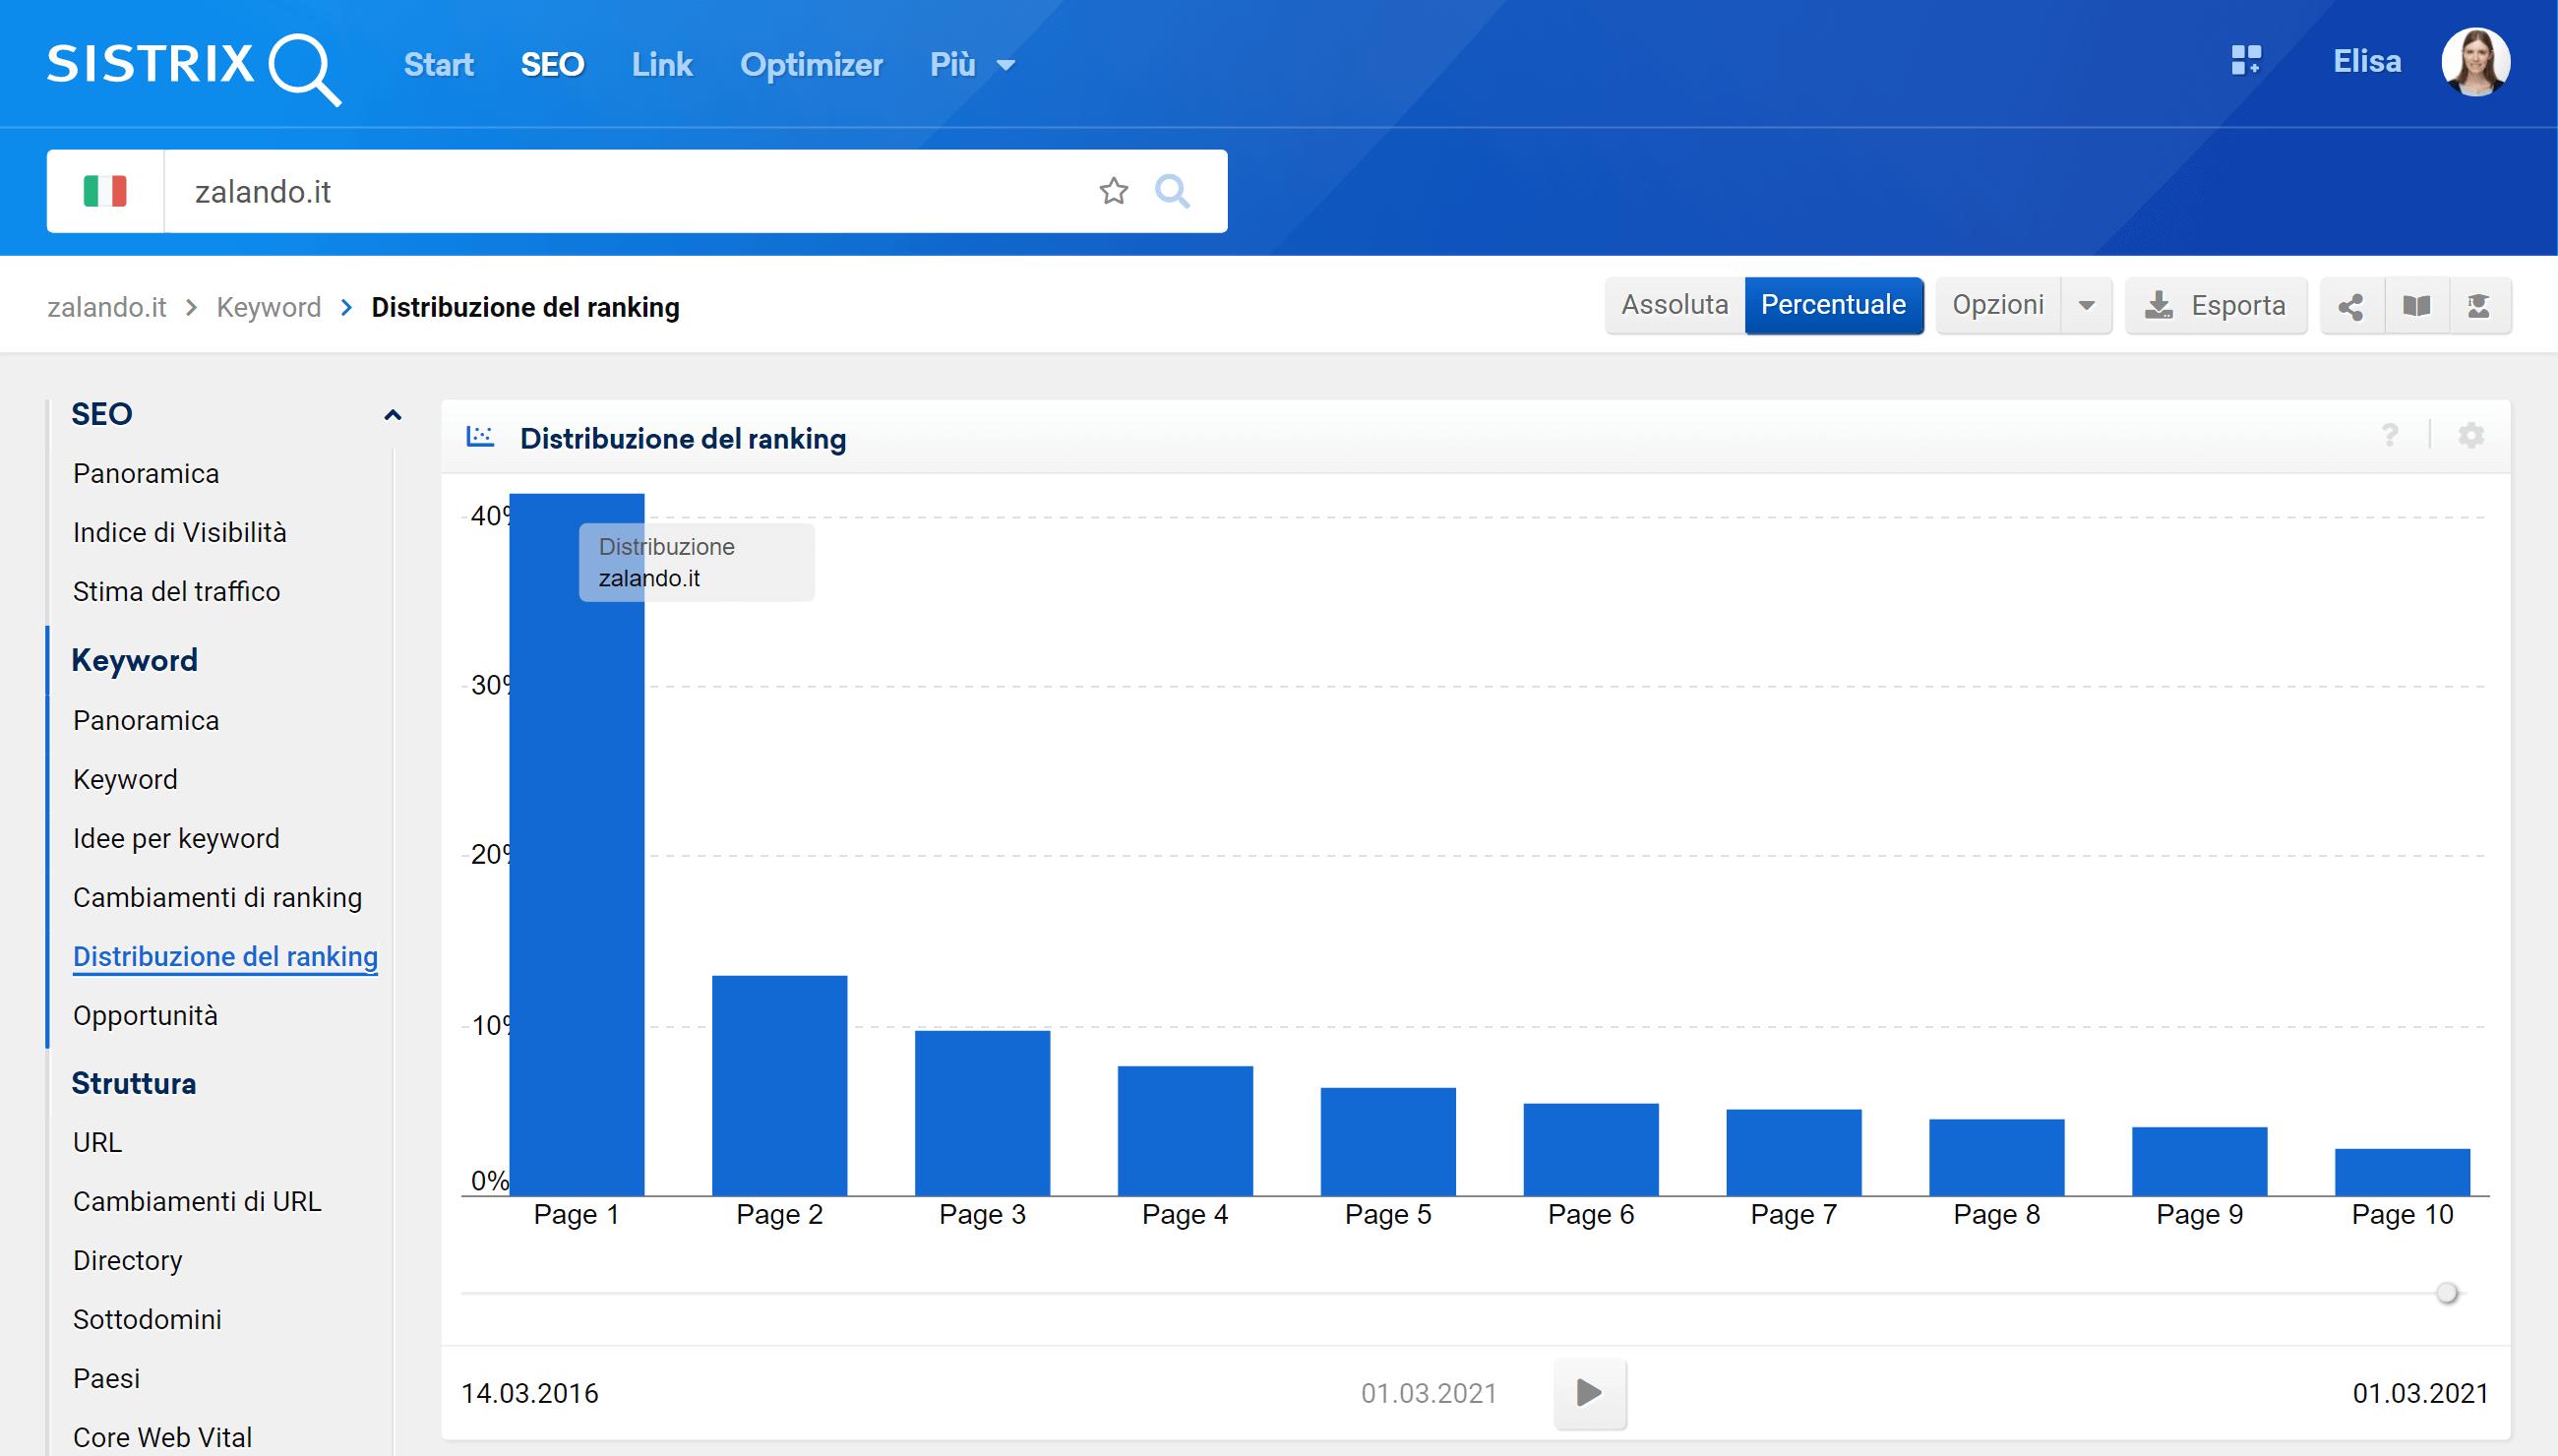 Distribuzione del ranking di zalando.it